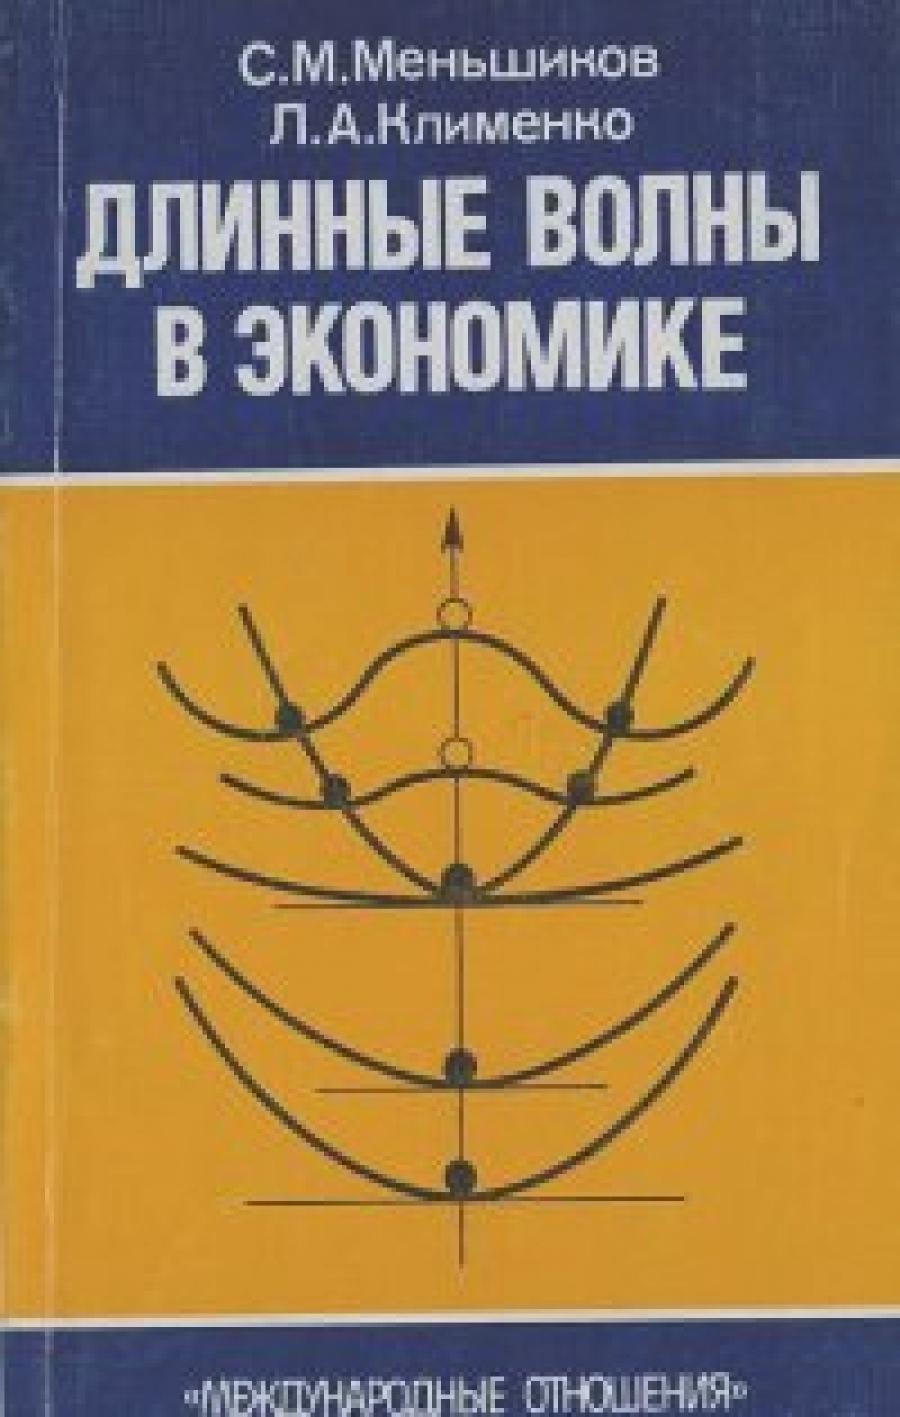 Обложка книги:  меньшиков с.м., клименко л.а. - длинные волны в экономике. когда общество меняет кожу